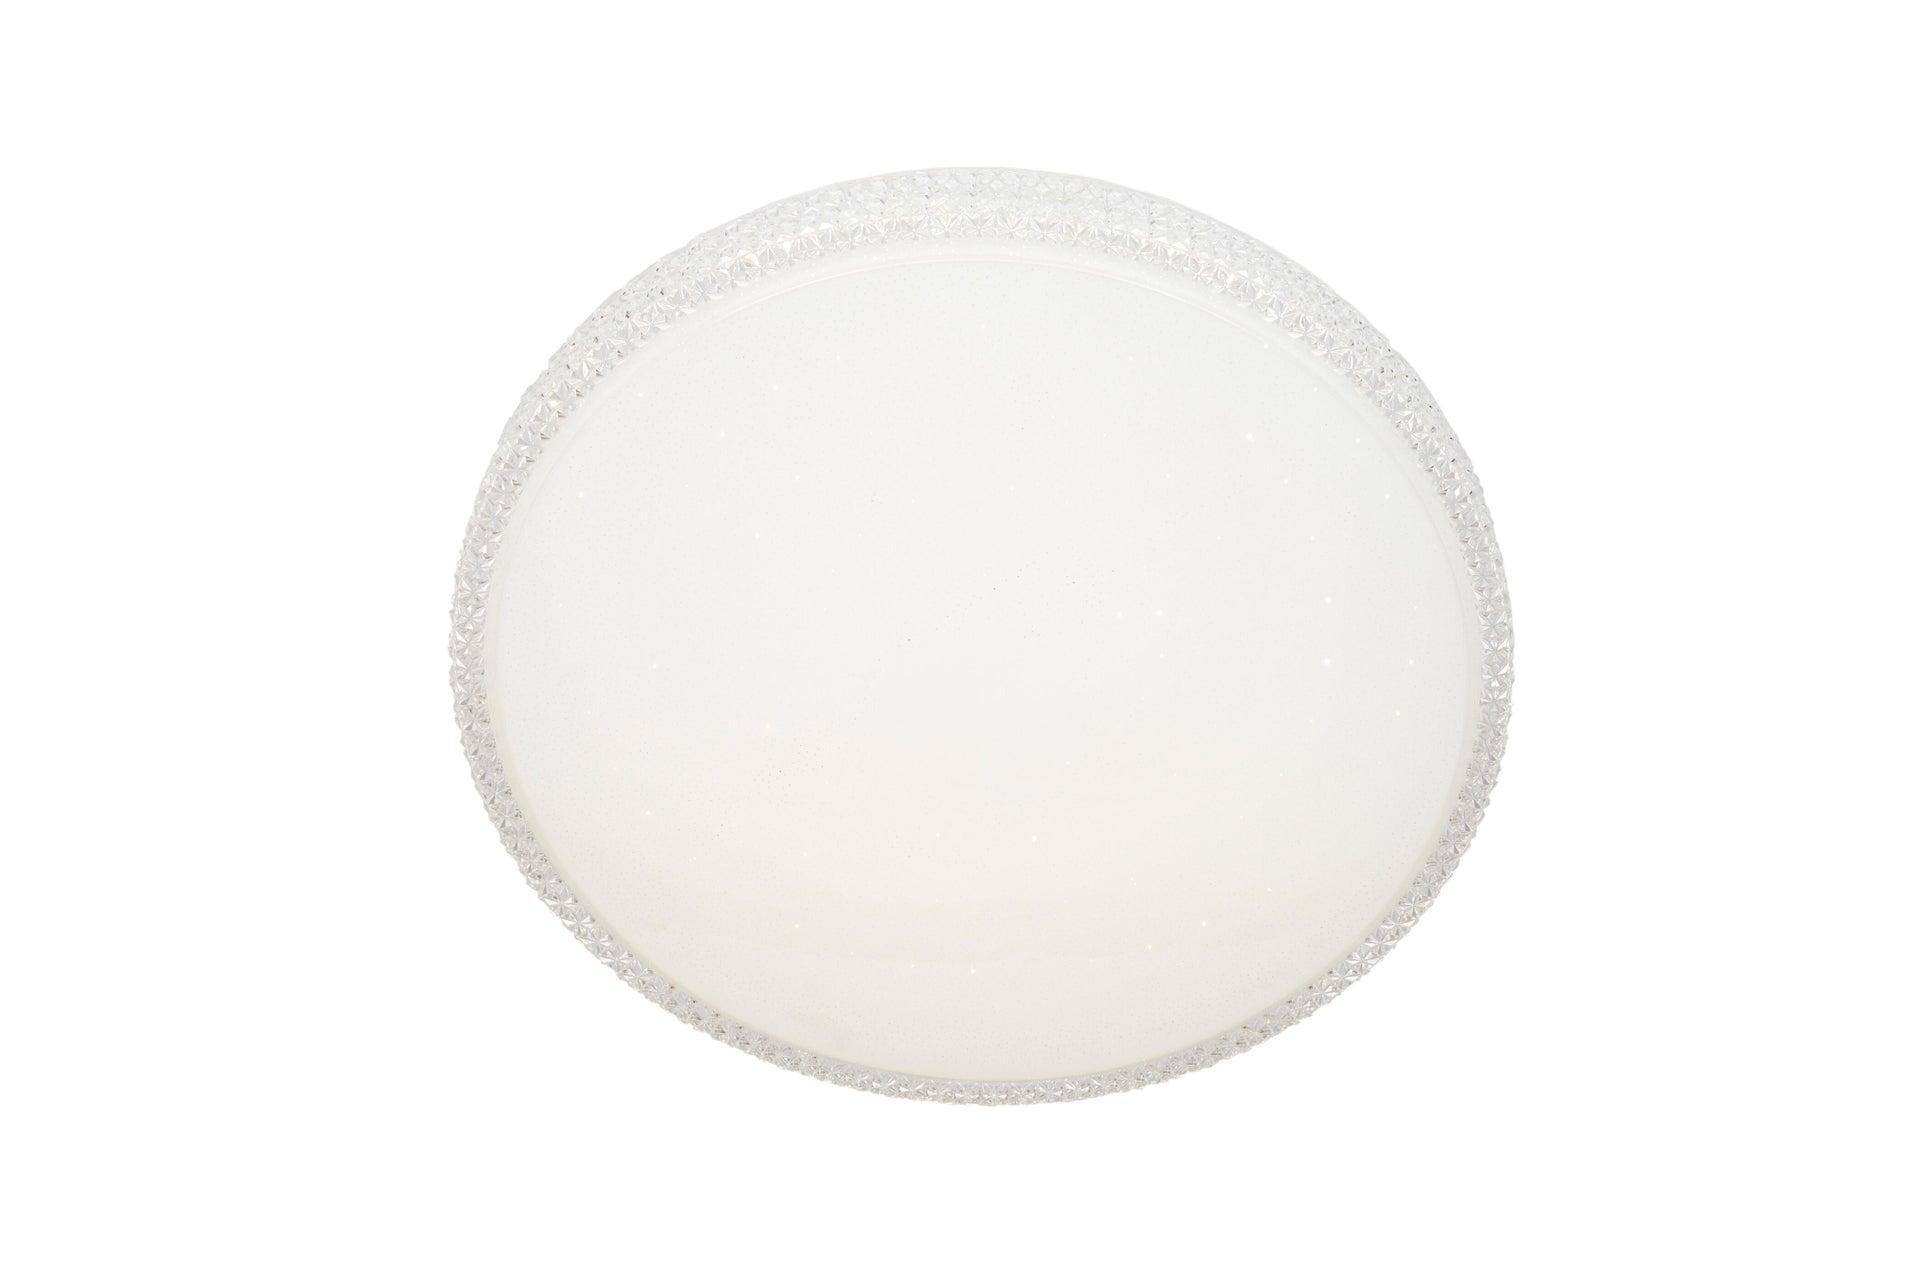 Plafoniera neoclassico Soledad LED integrato bianco D. 60 cm - 5